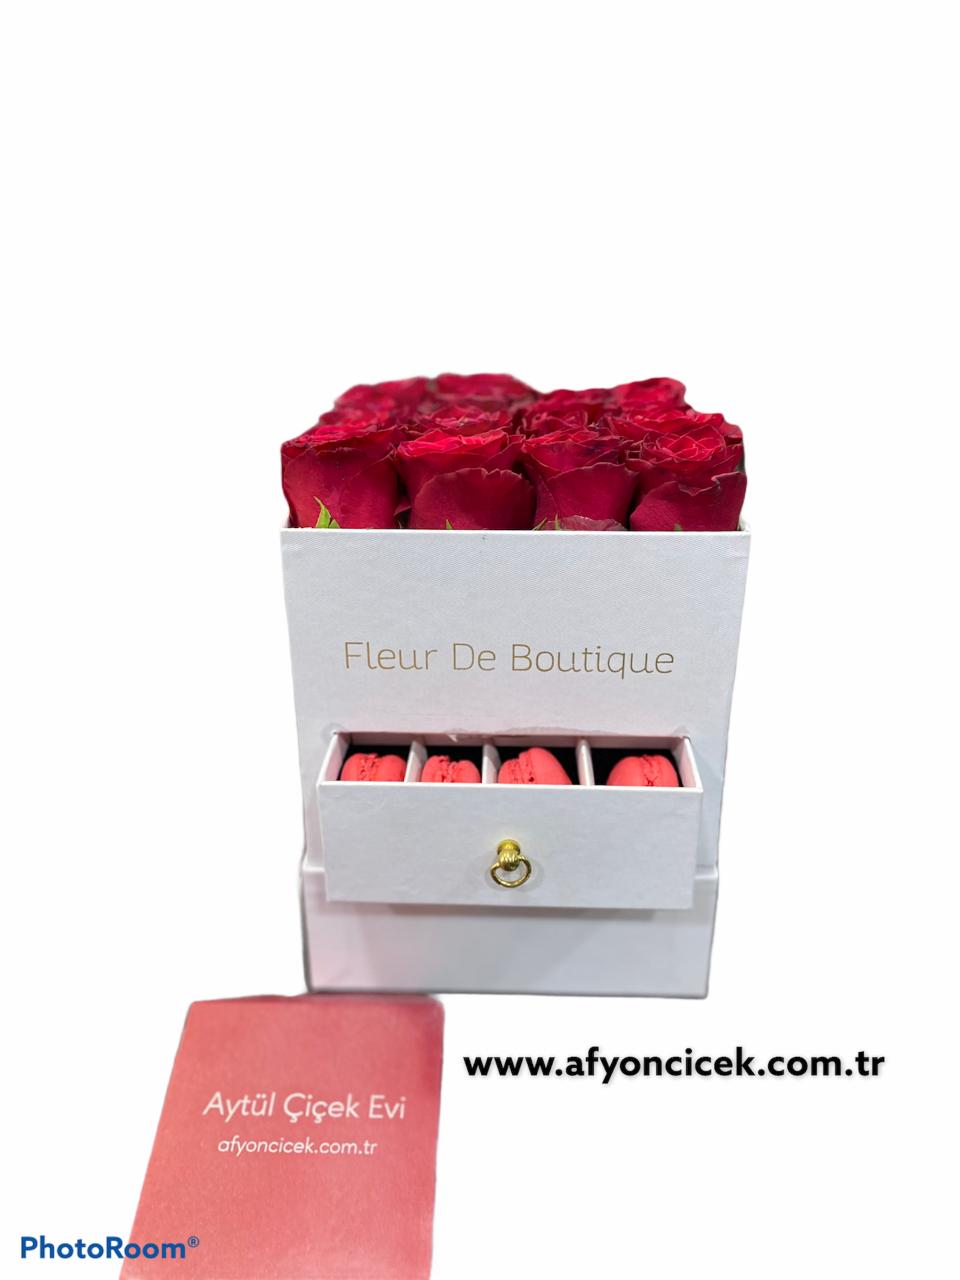 beyaz kare kutuda makaron ve güller